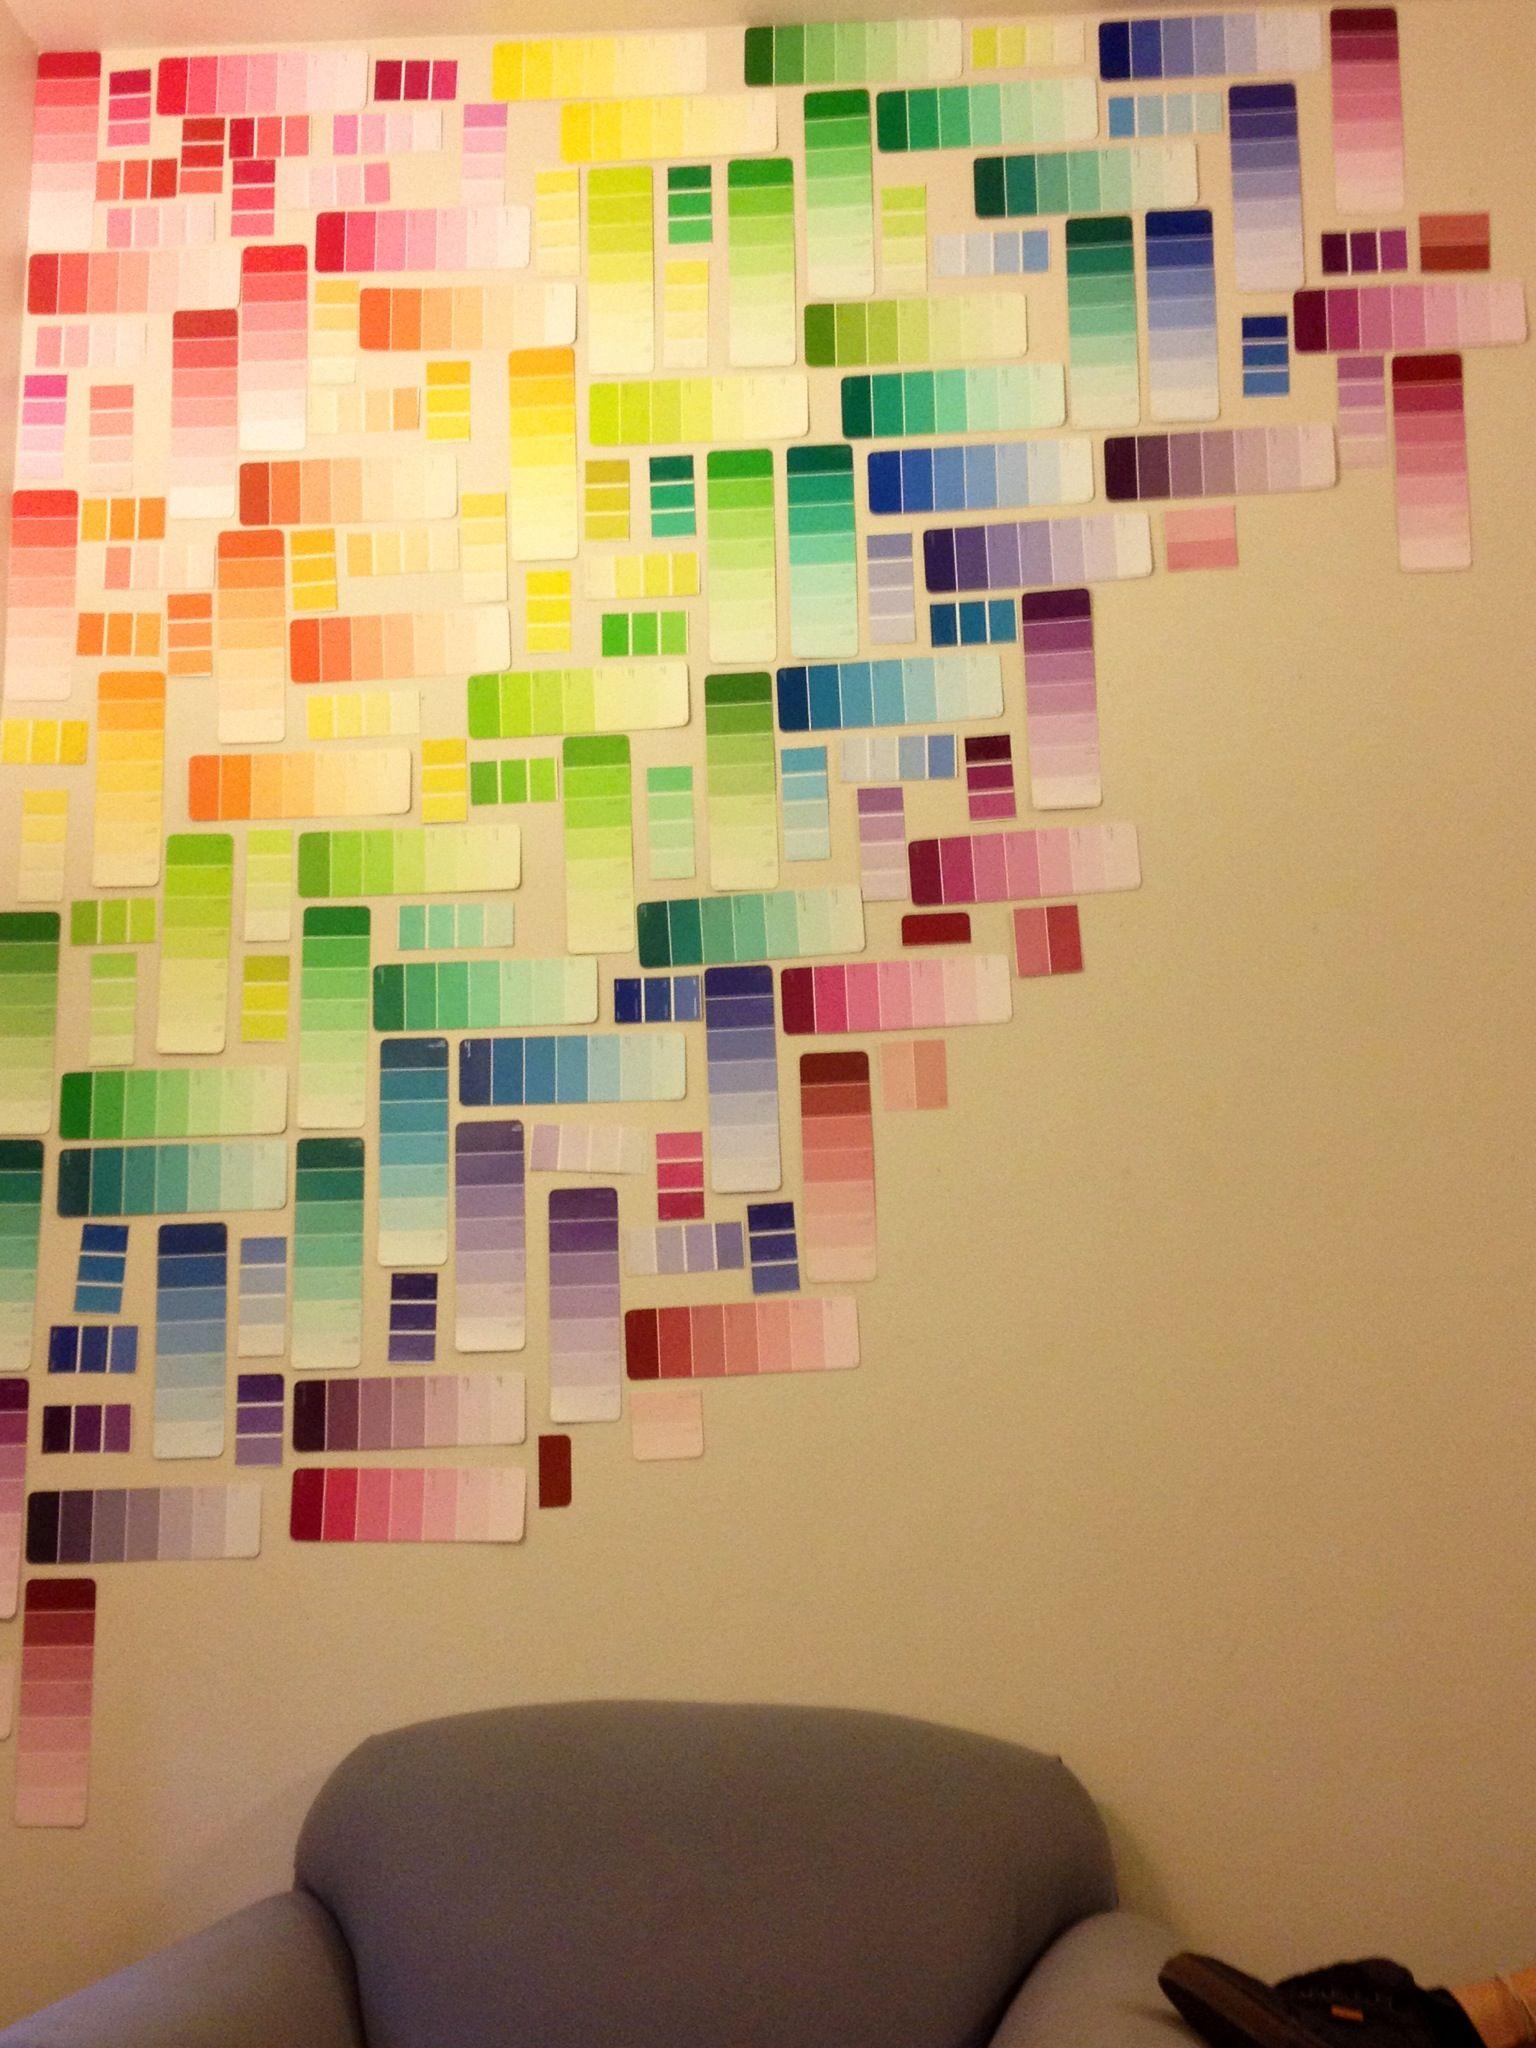 Dorm wall decoration | cute room decor | Pinterest | Dorm wall ...